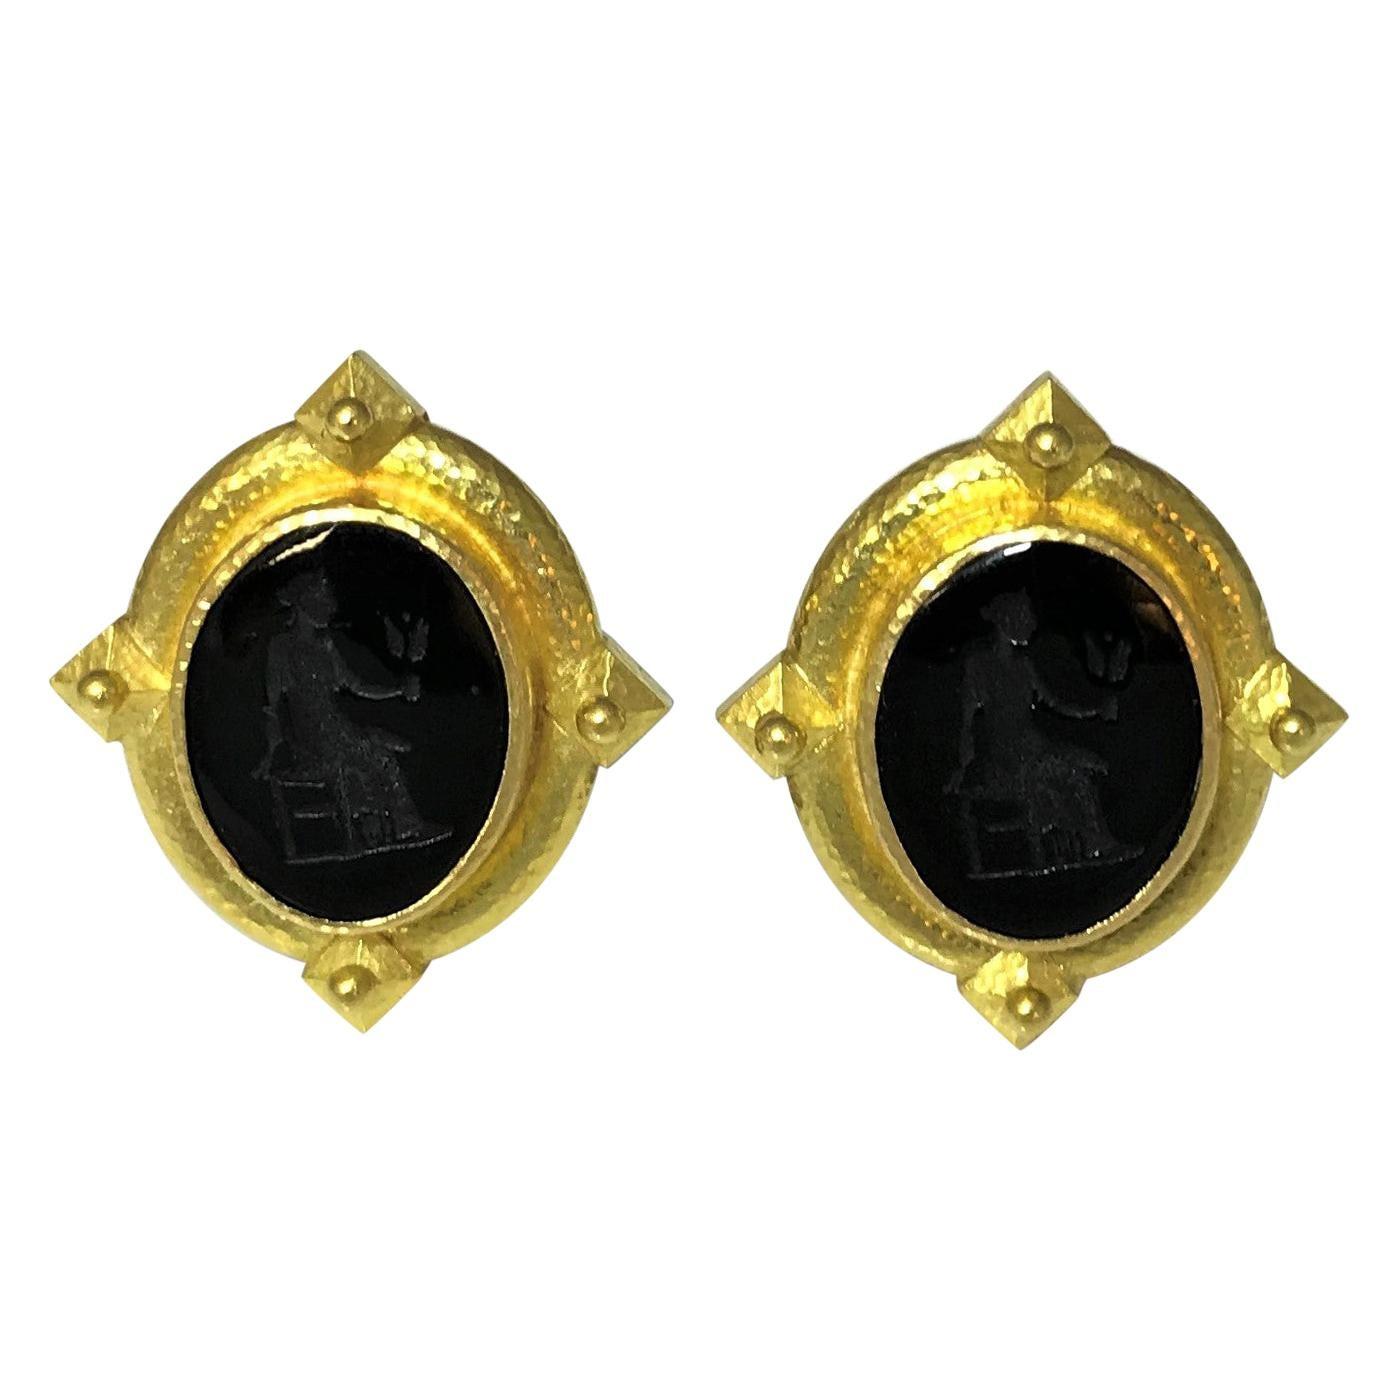 Elizabeth Locke 19 Karat Gold and Black Venetian Glass Intaglio Earrings